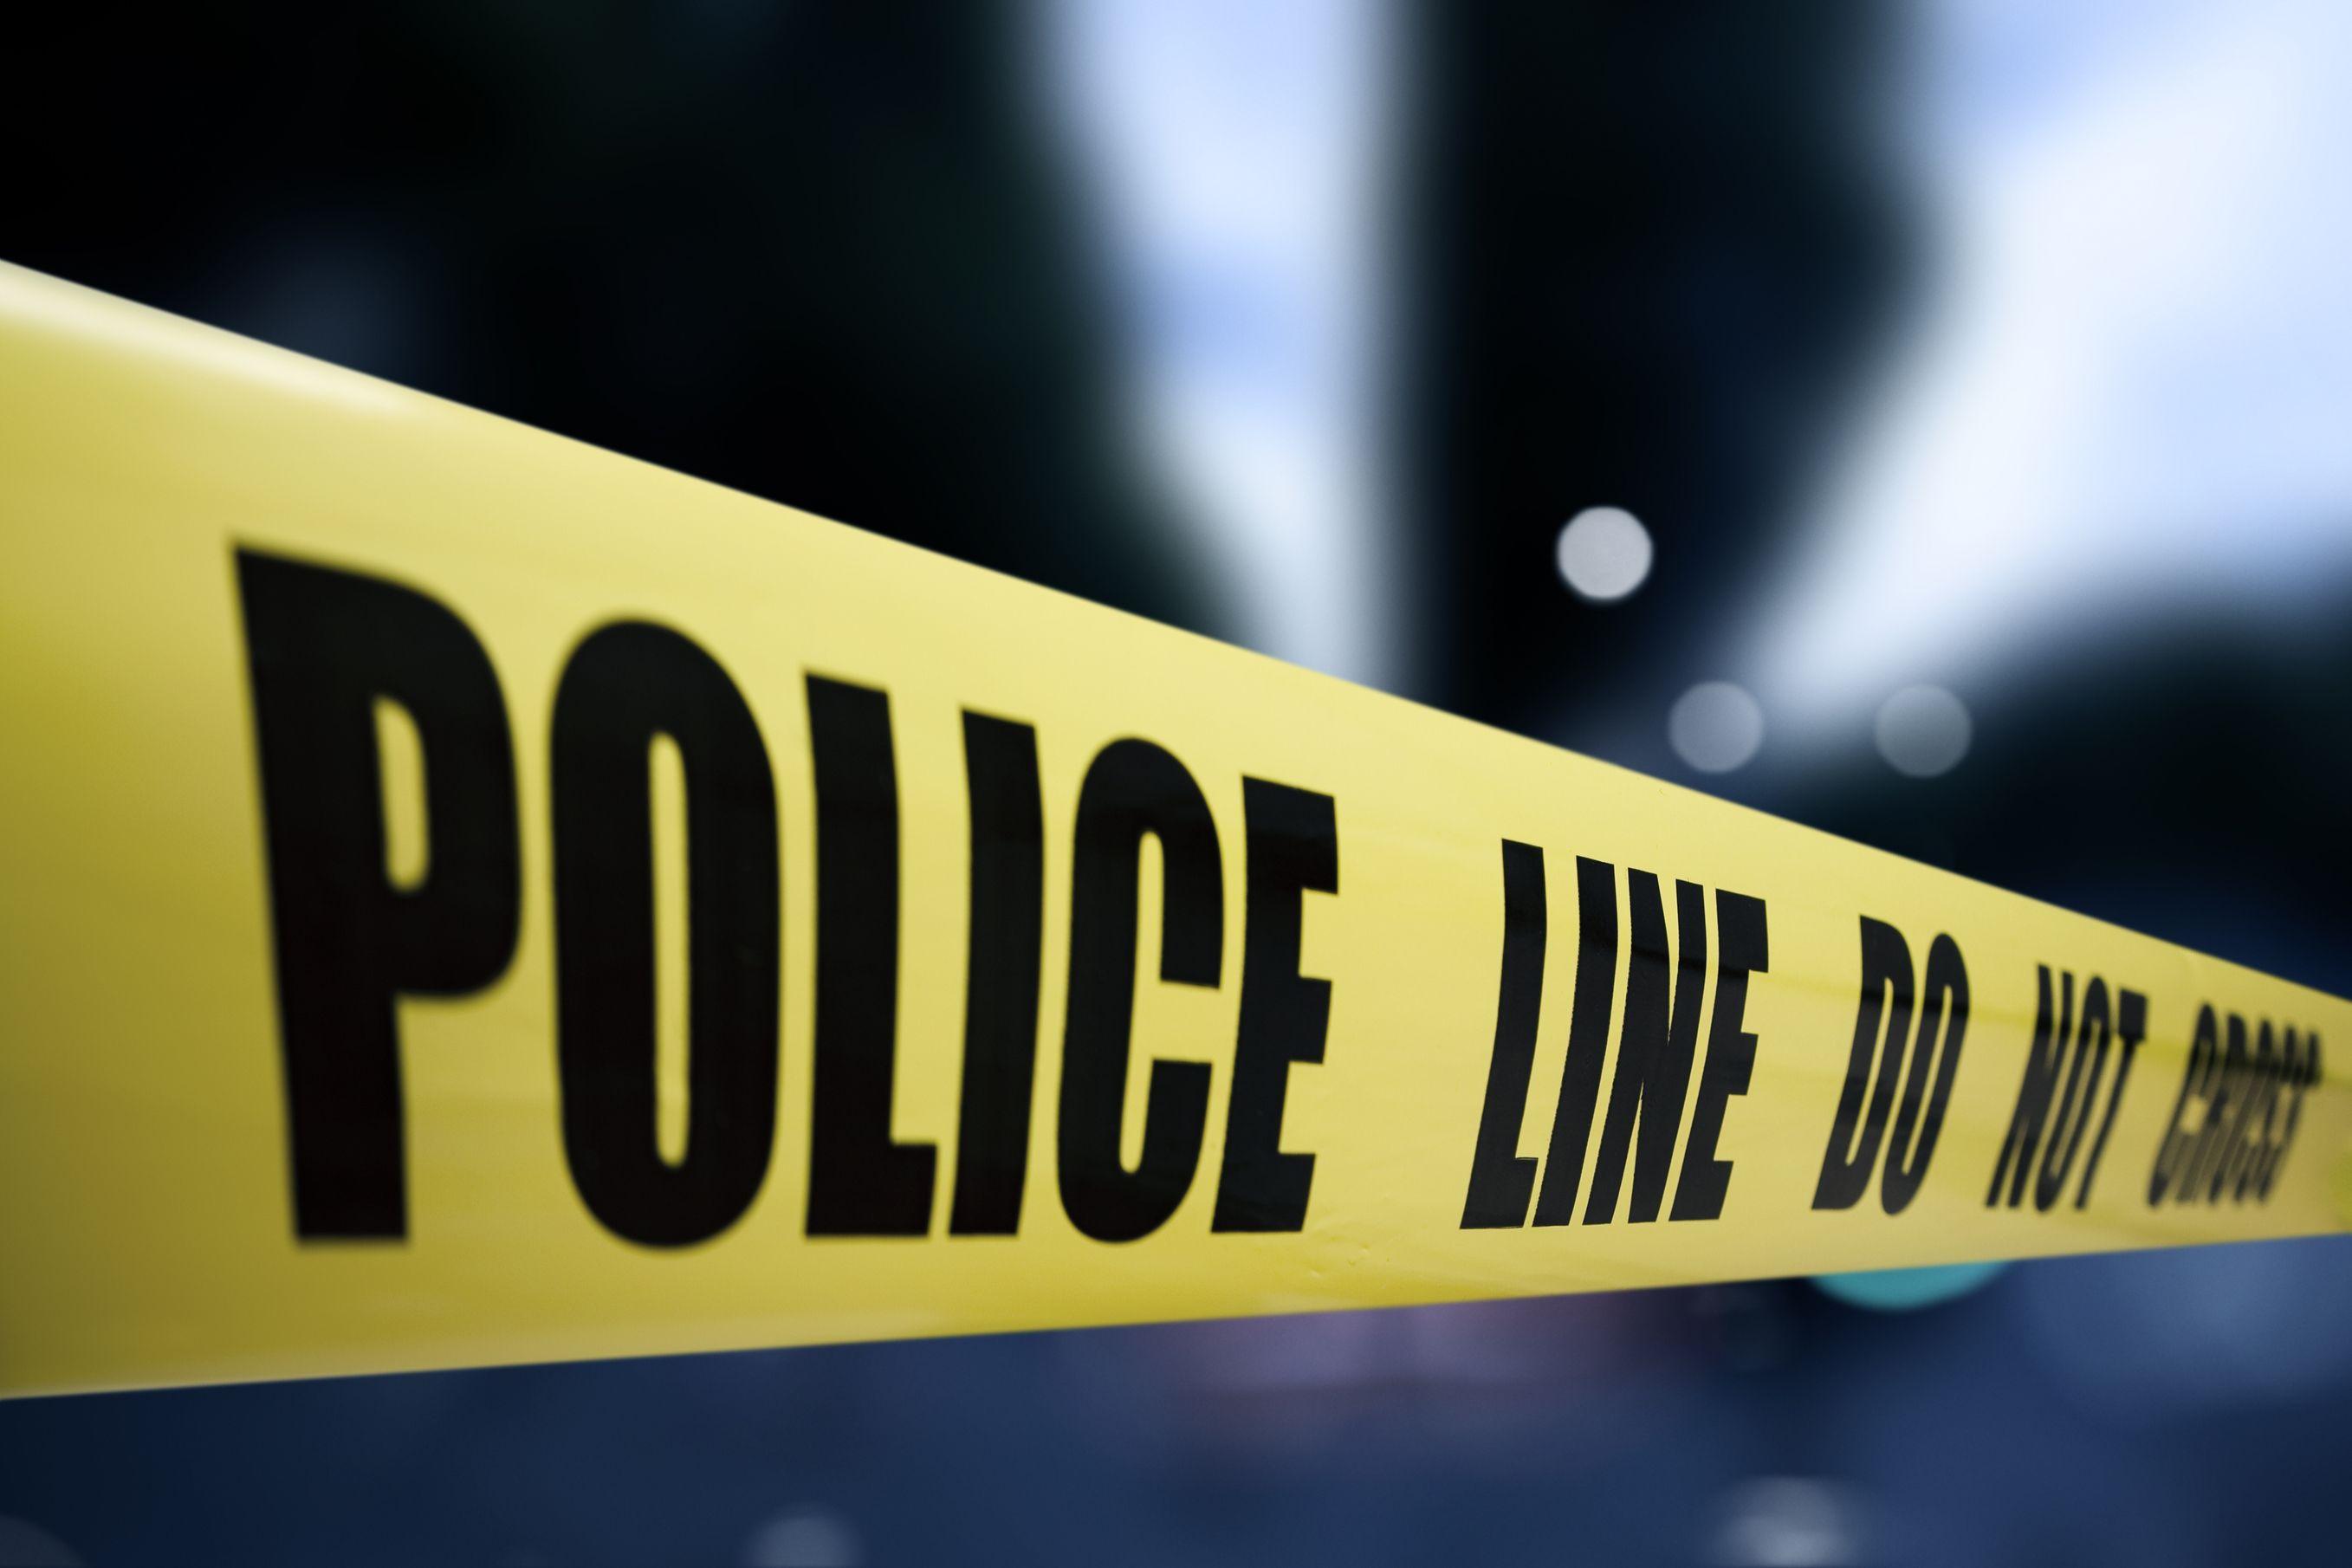 Image of police crime scene tape